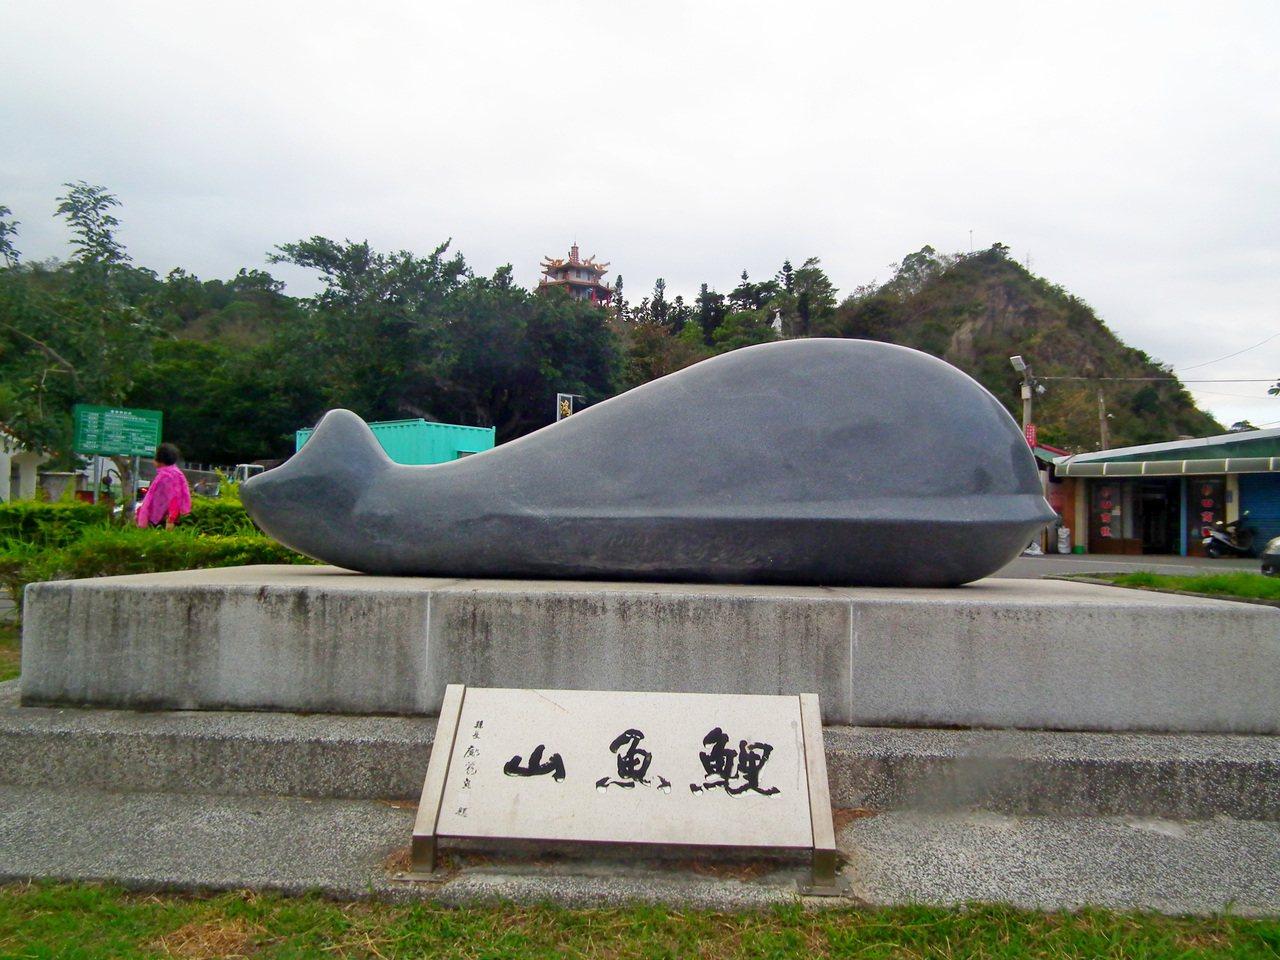 鯉魚山是台東市區最高的一座山,白天晚上都有不同的視野風貌,適合大家登步健走。 圖...